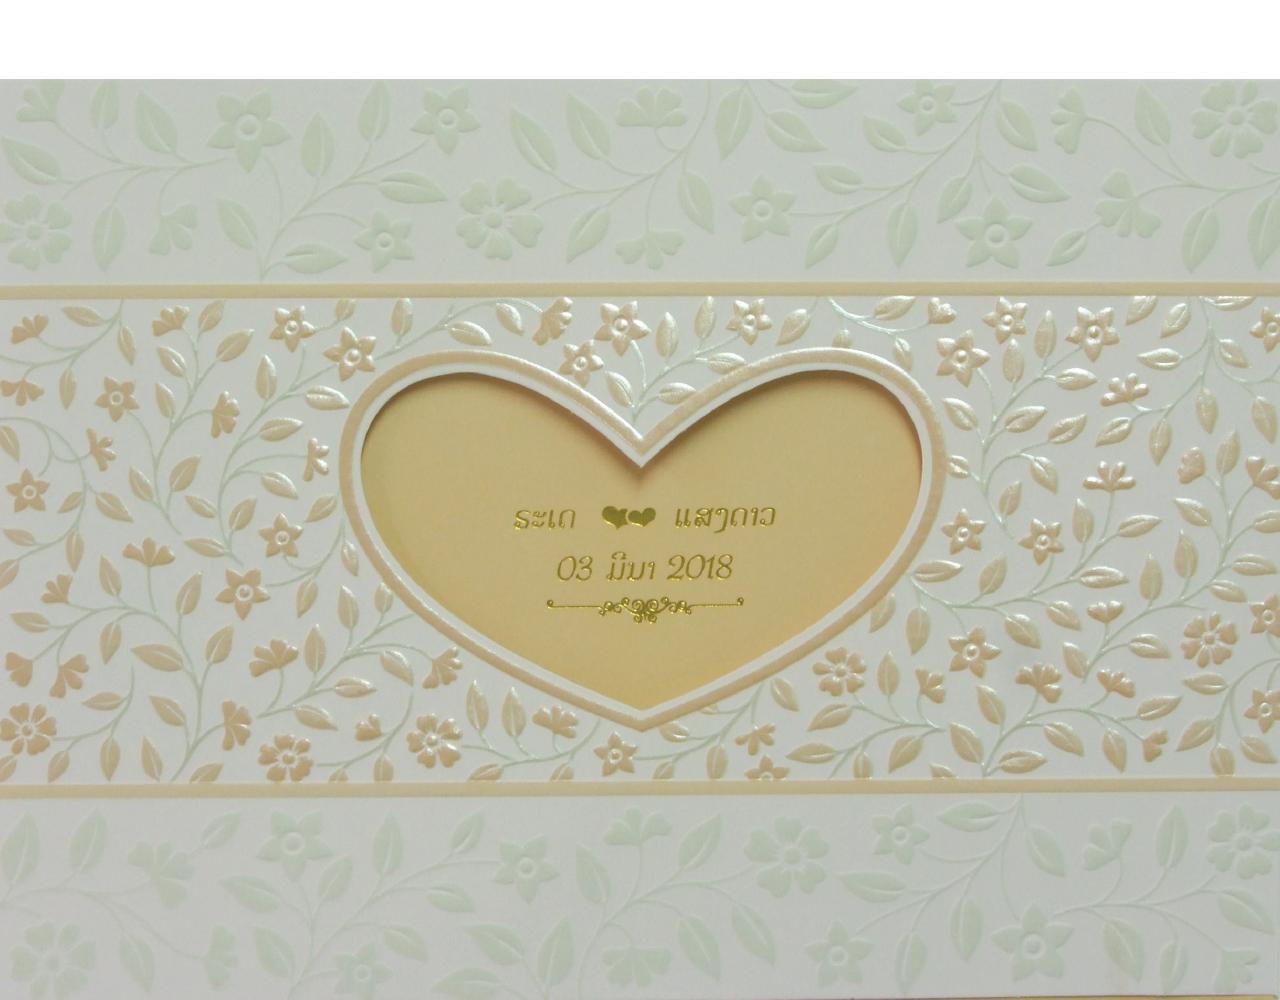 การ์ดแต่งงาน 13 x 18 cm WC 5333 Cream ฿ 8.00